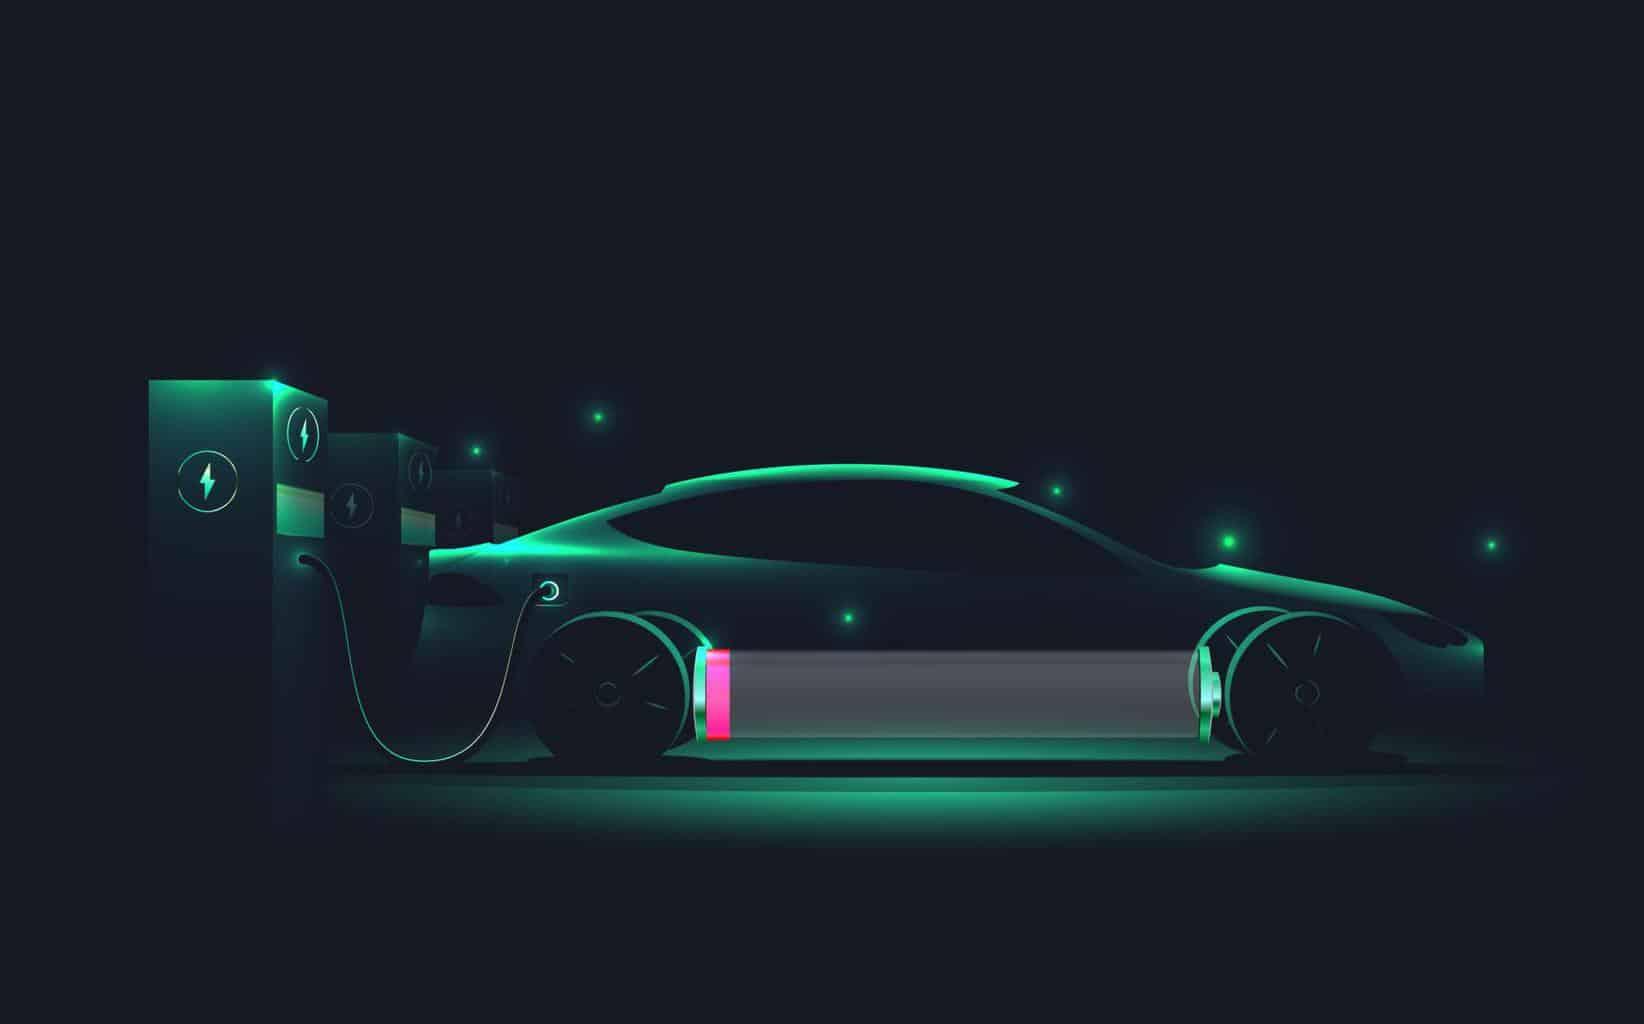 Chinas Autohersteller GAC ist im Besitz der 1.000 km-Batterie-Technologie